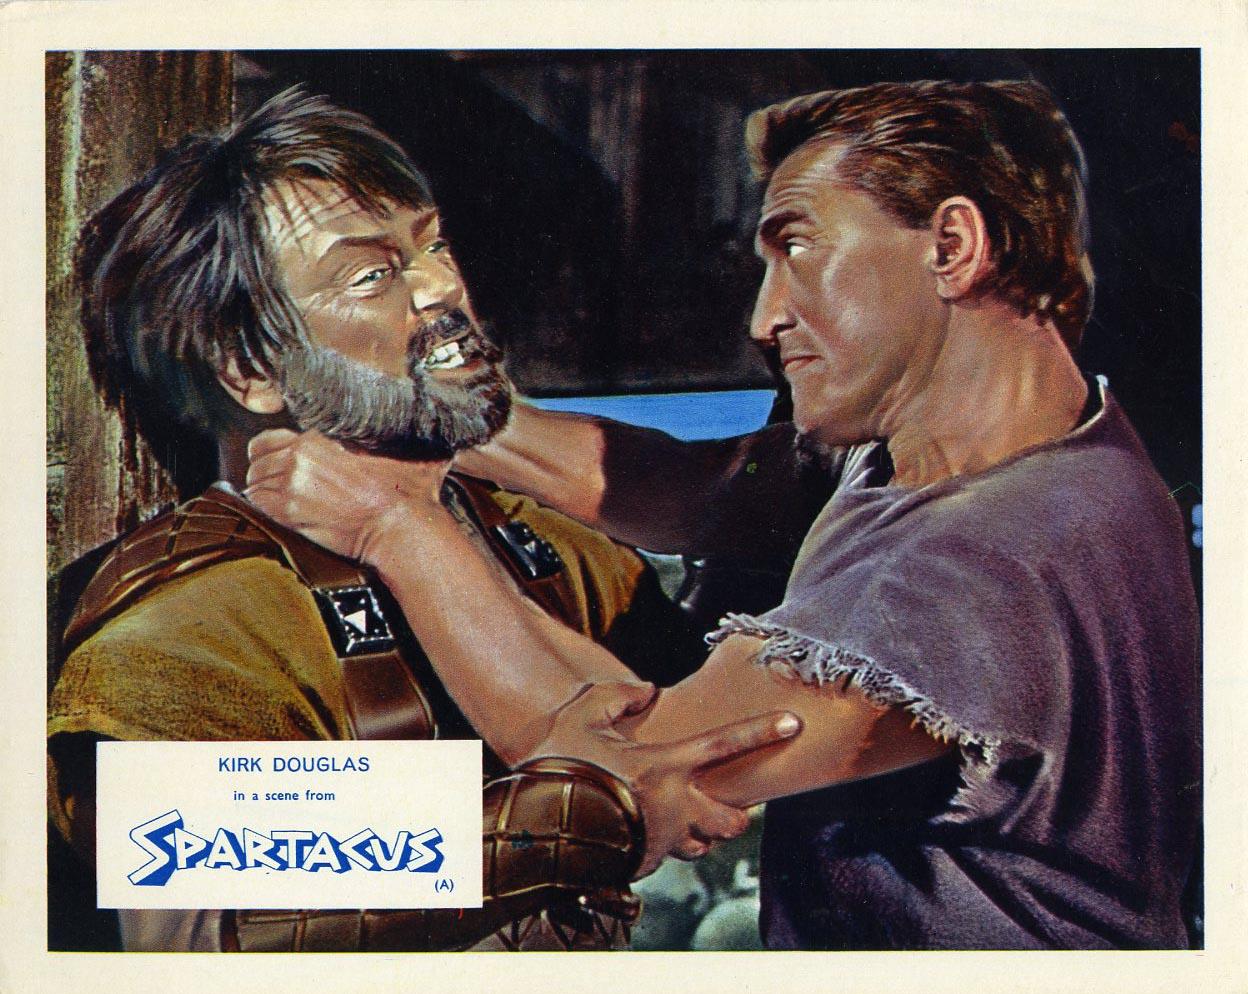 1000+ images about SPARTACUS on Pinterest | Kirk douglas ...